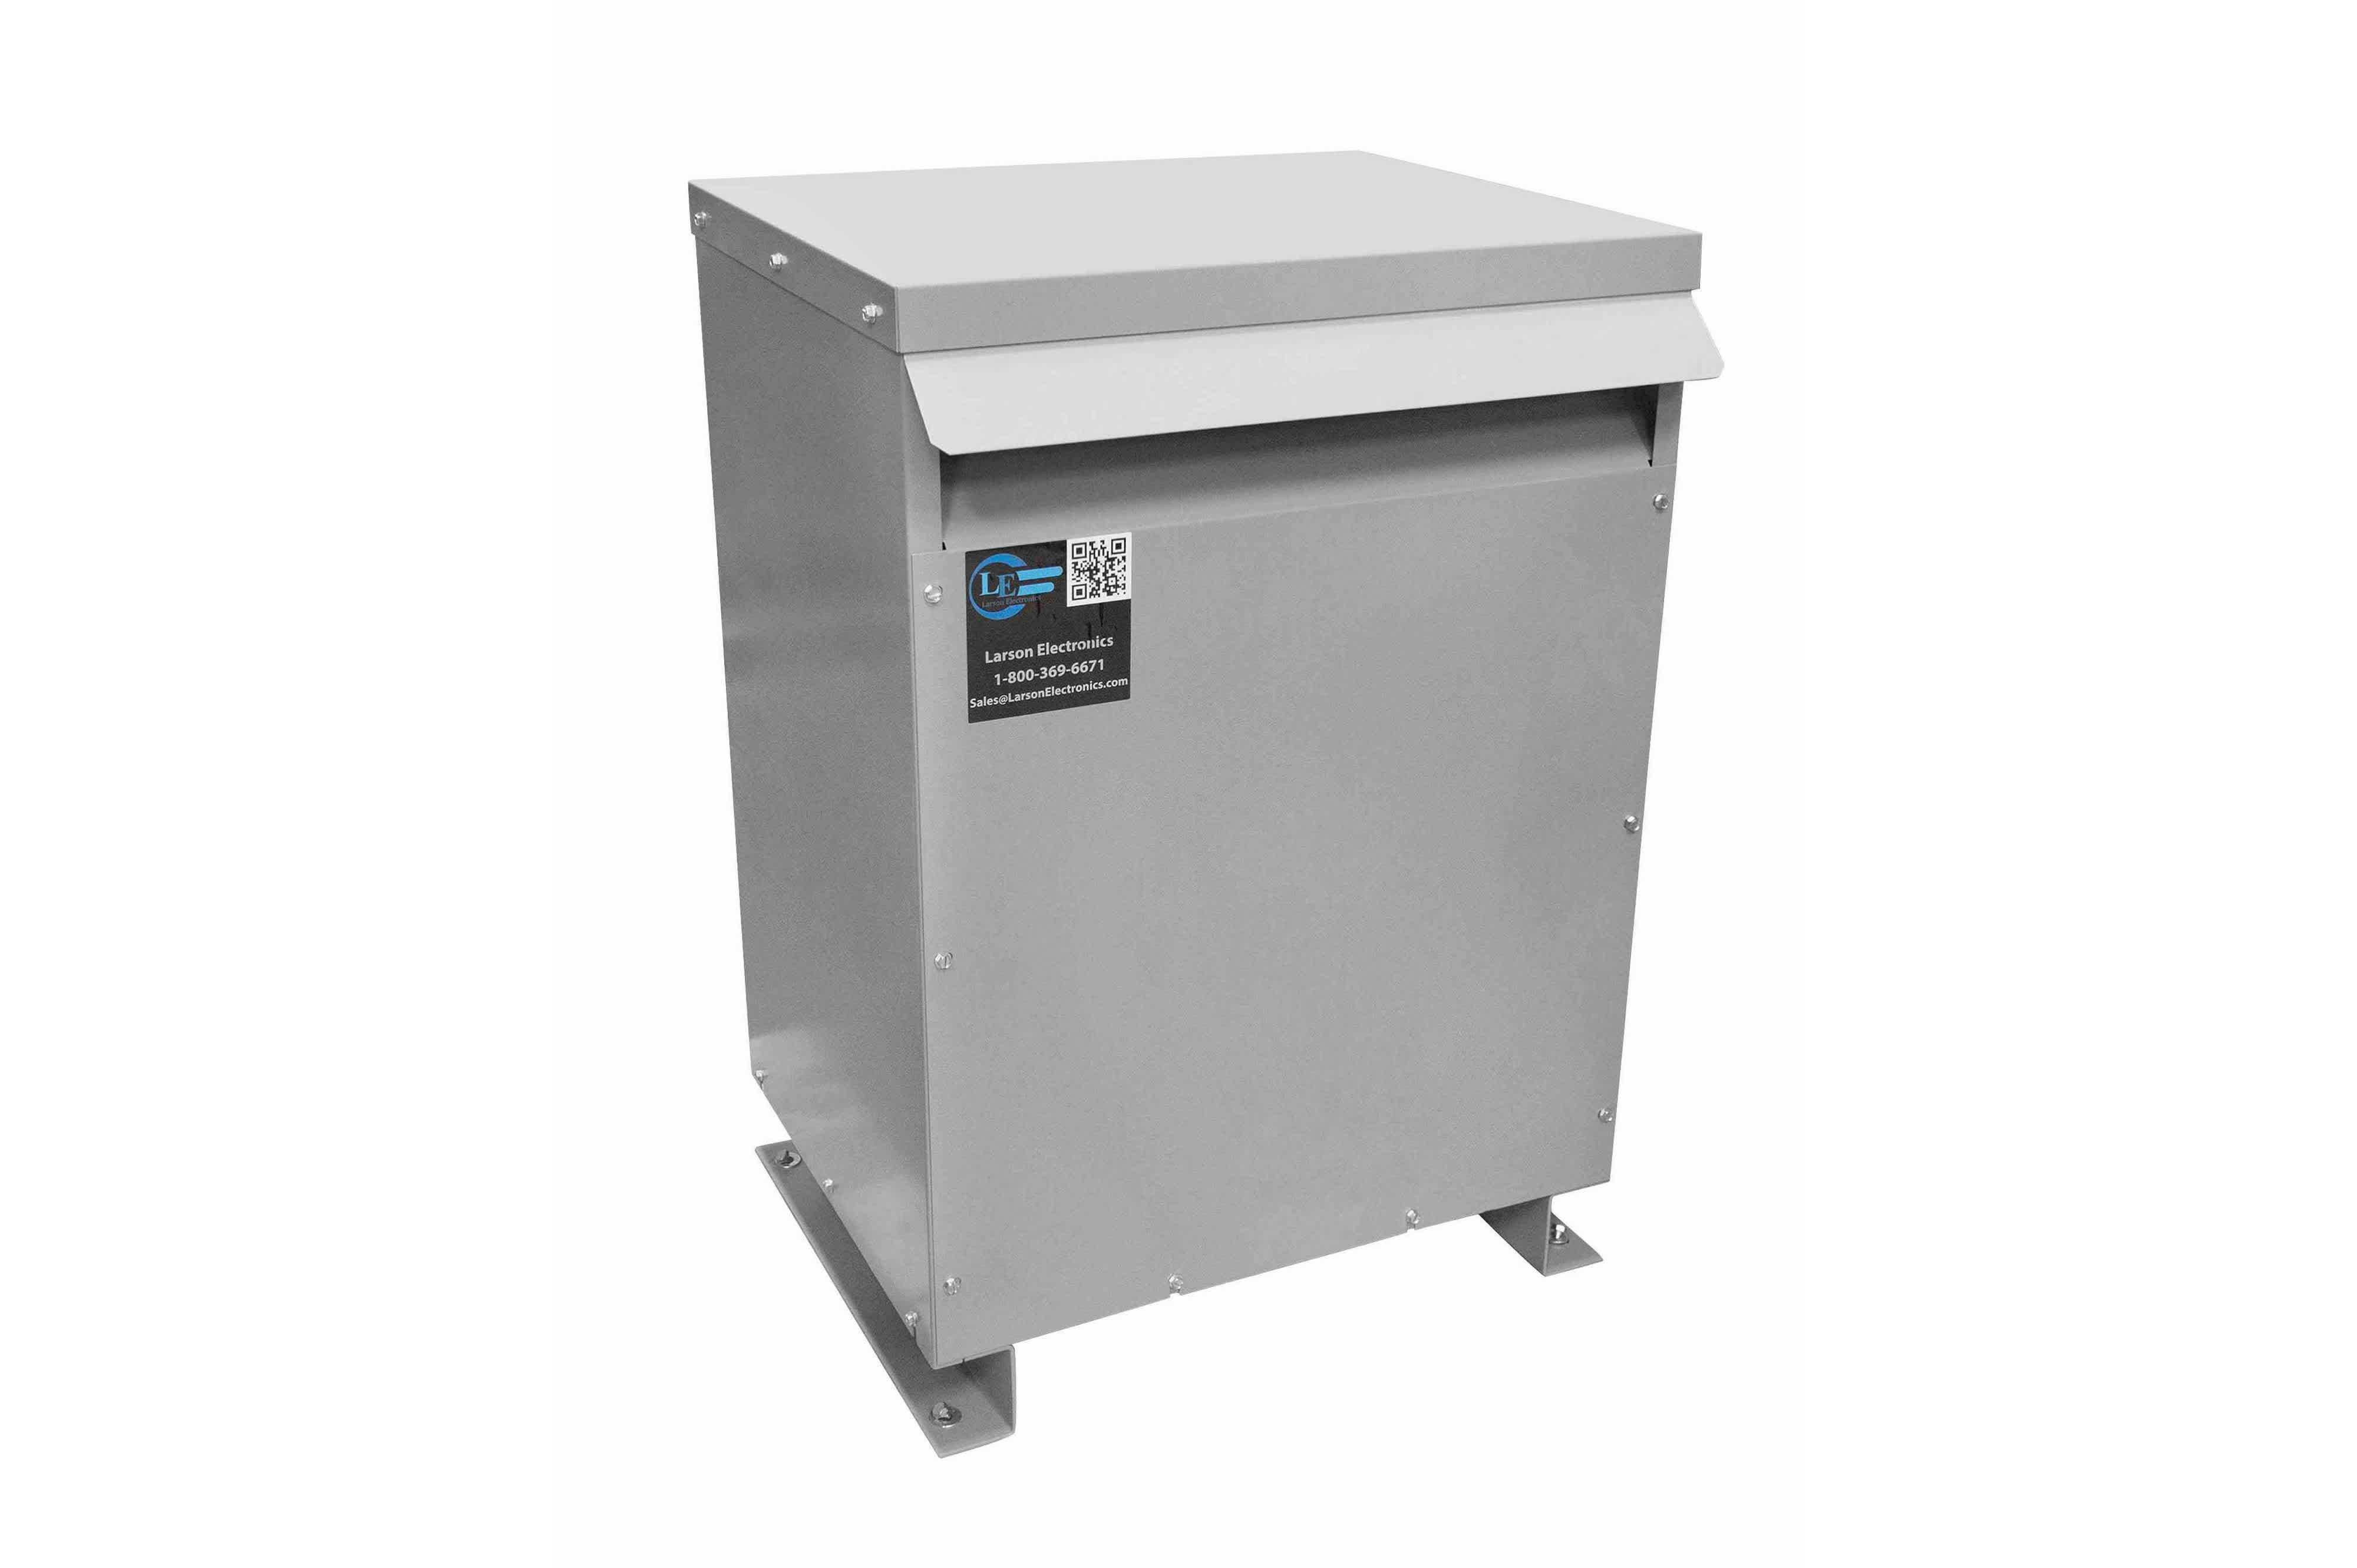 800 kVA 3PH Isolation Transformer, 240V Delta Primary, 480V Delta Secondary, N3R, Ventilated, 60 Hz